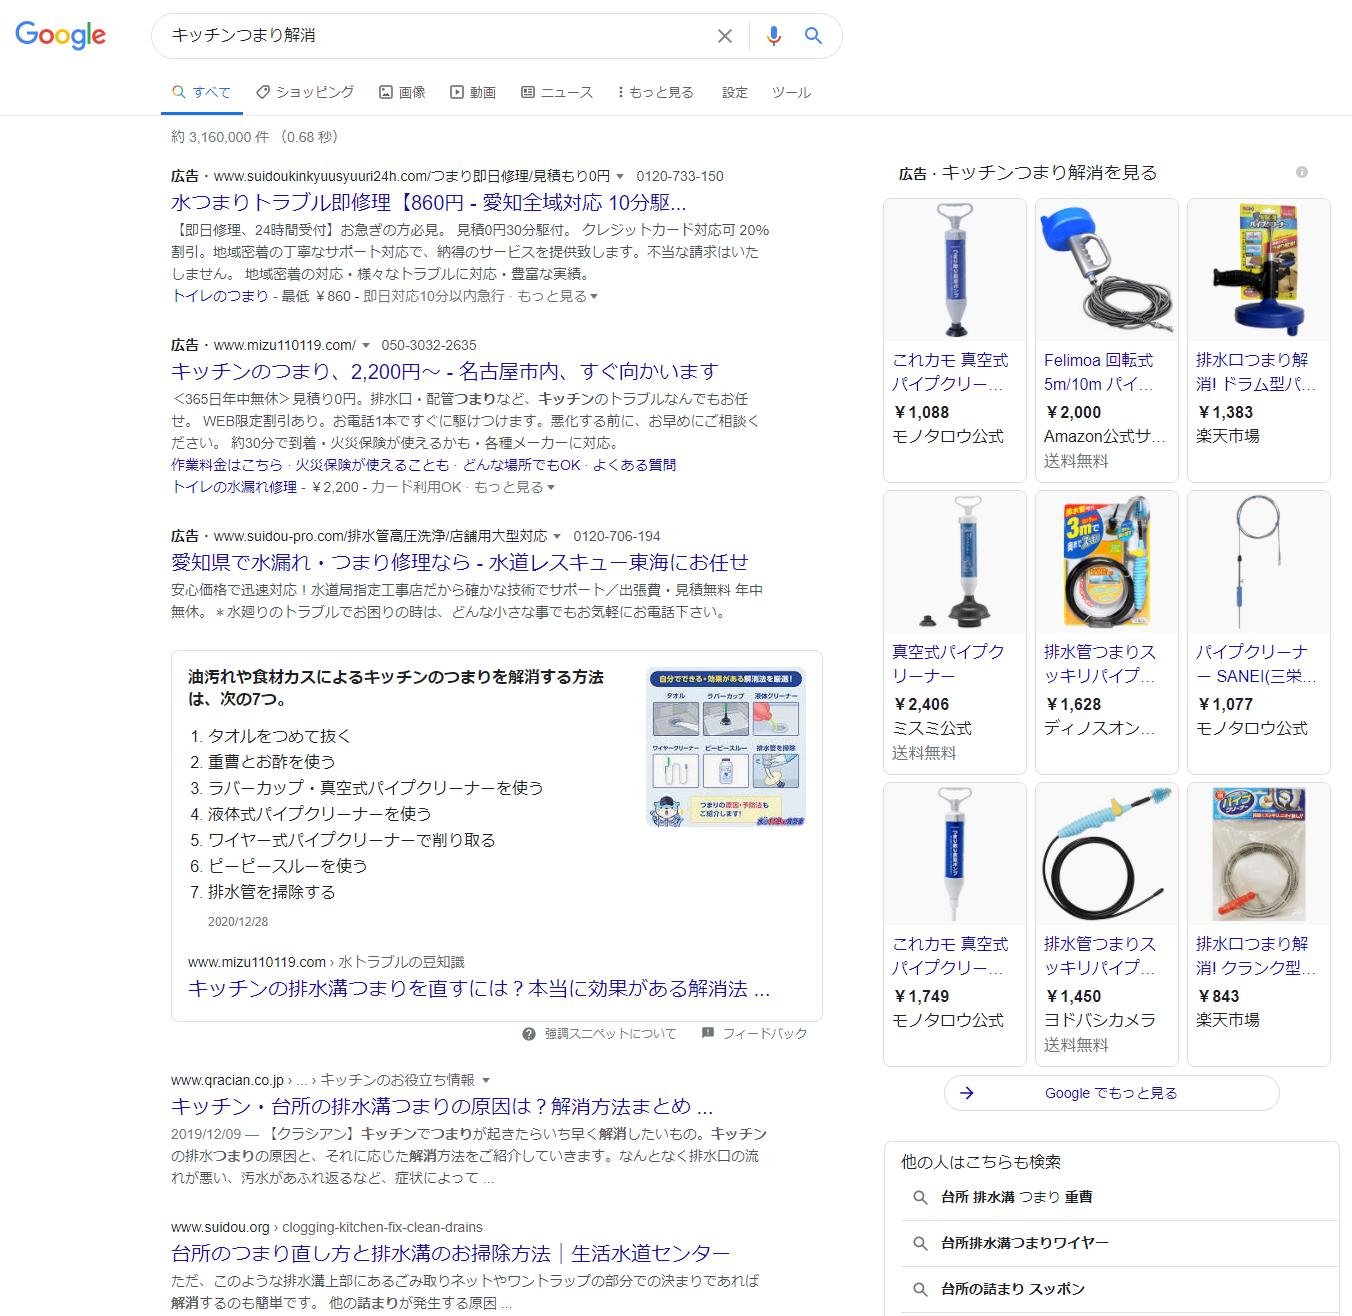 「キッチンつまり解消」のGoogle検索結果